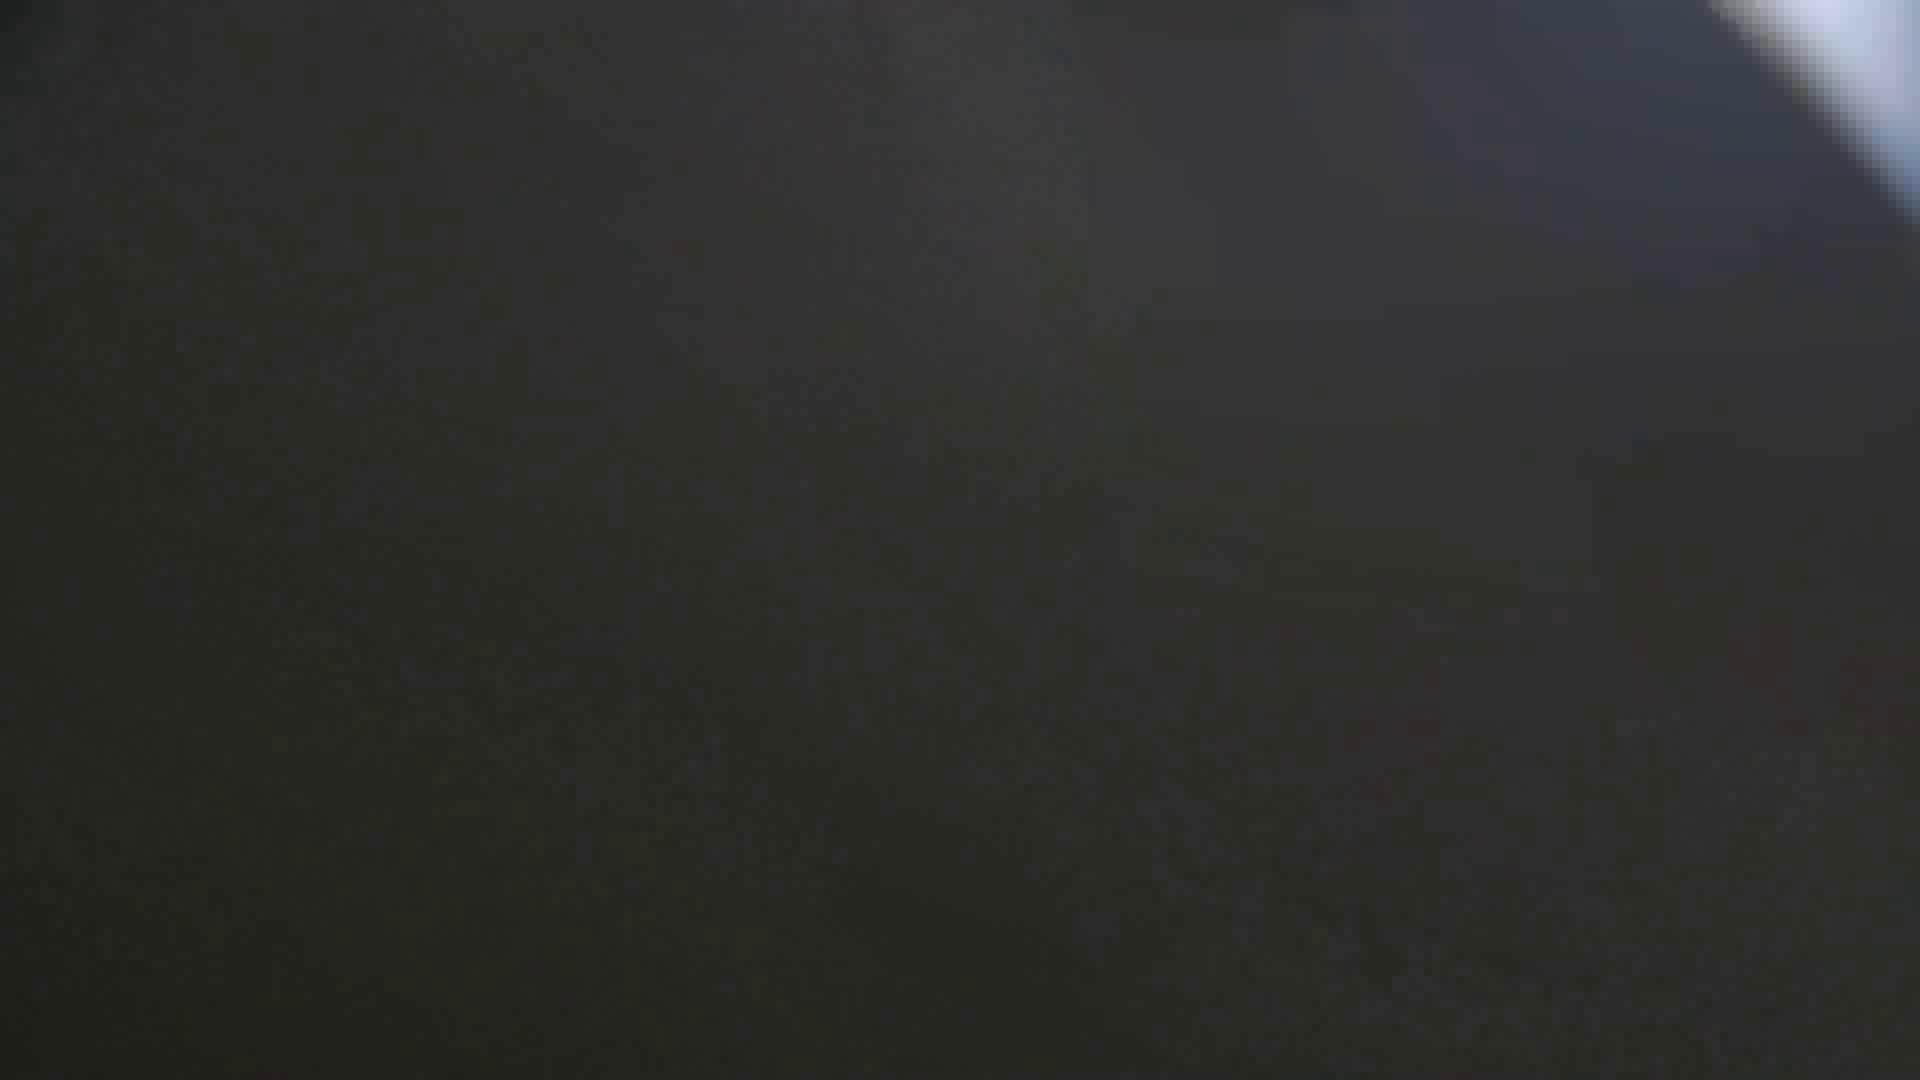 【美しき個室な世界】 vol.018 ピンクのおネエタン OLの実態  52pic 8